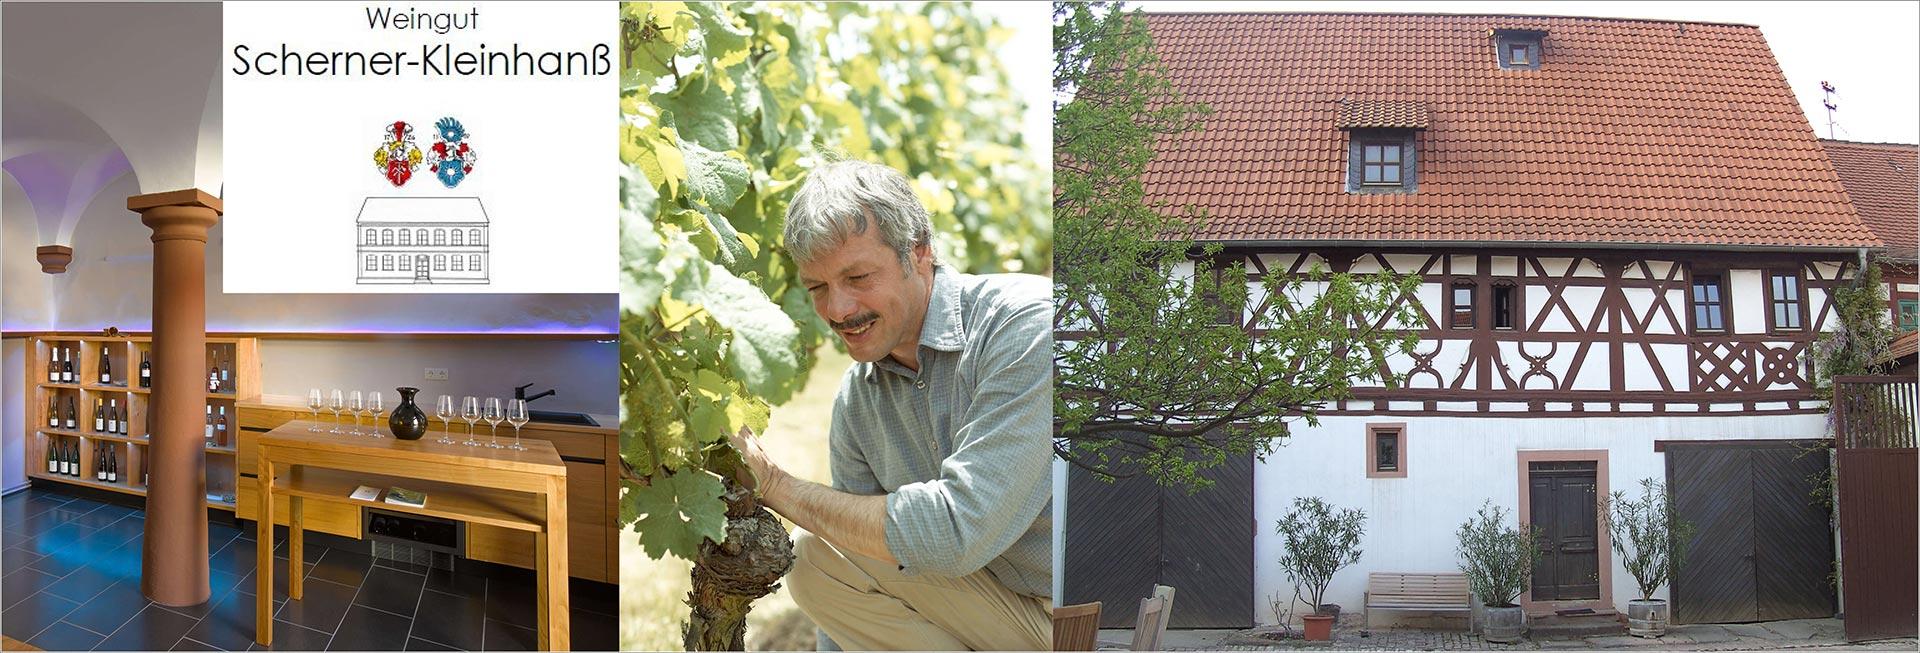 Weingut Scherner-Kleinhanß